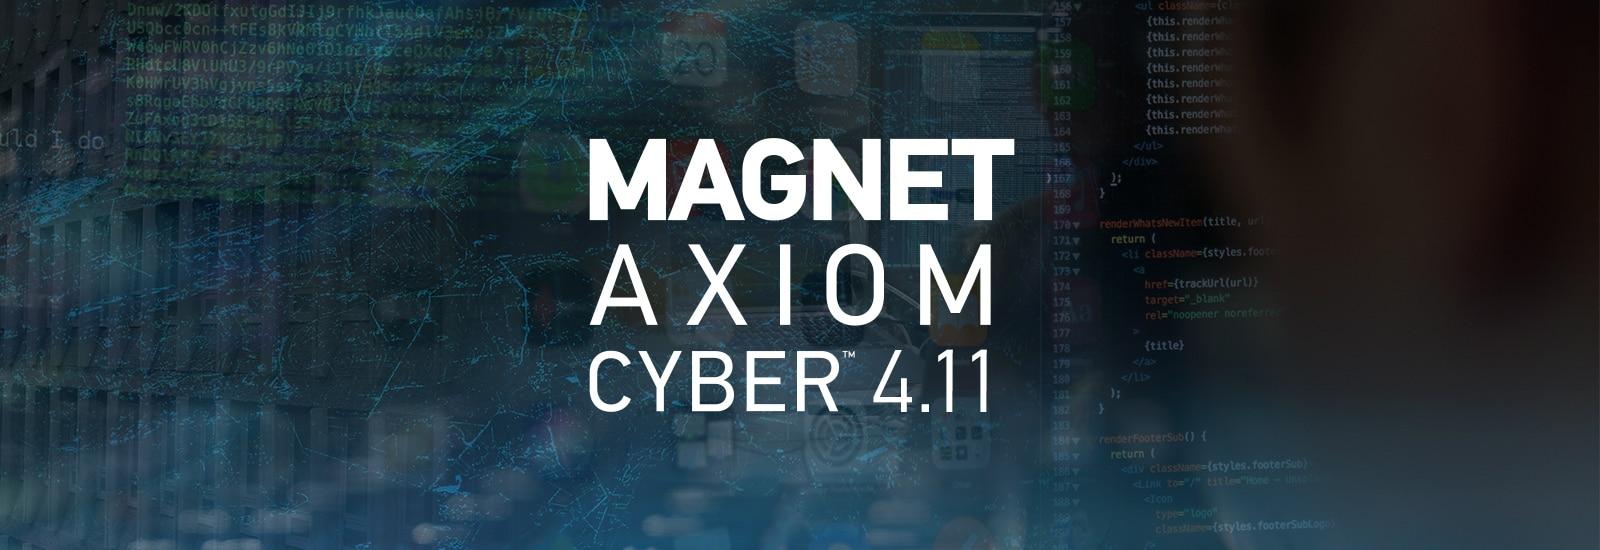 AXIOM Cyber 4.11